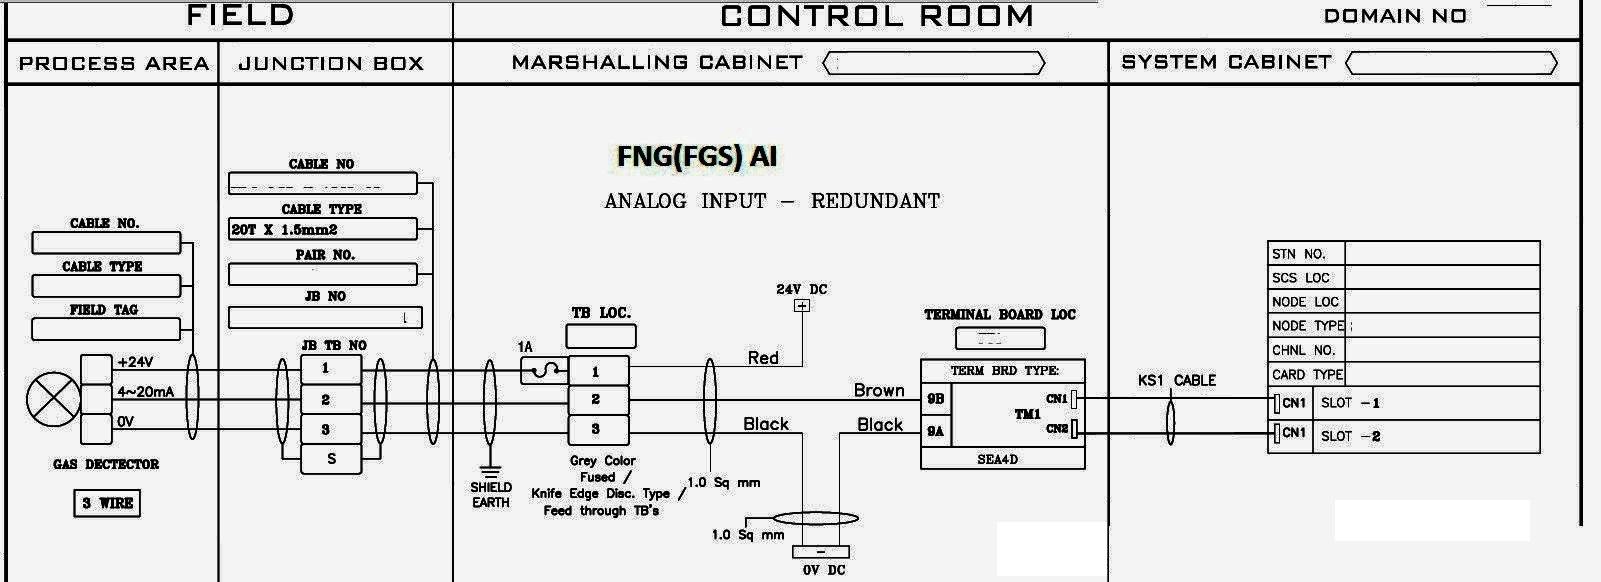 dcs loop wiring diagram wiring diagrams simple dcs loop wiring diagram [ 1601 x 582 Pixel ]